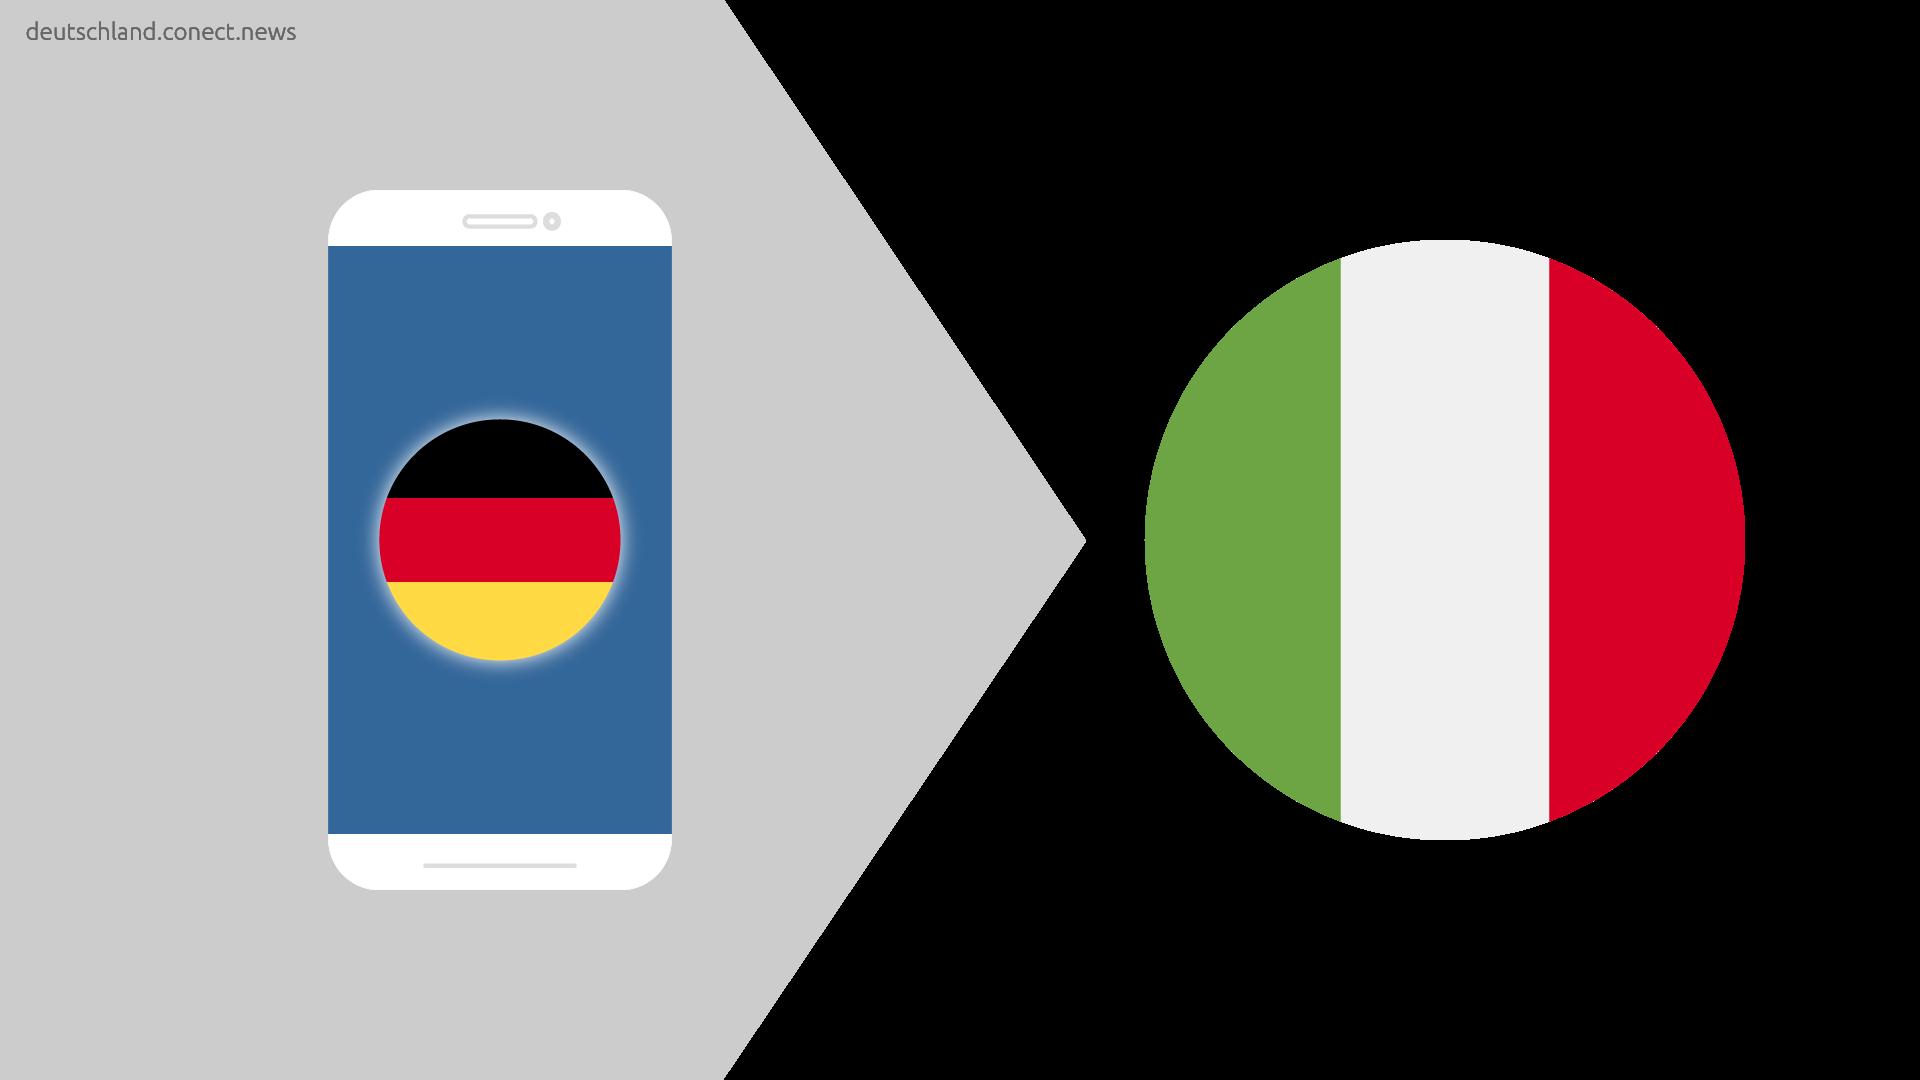 Günstiger von Deutschland nach Italien @conetc_news